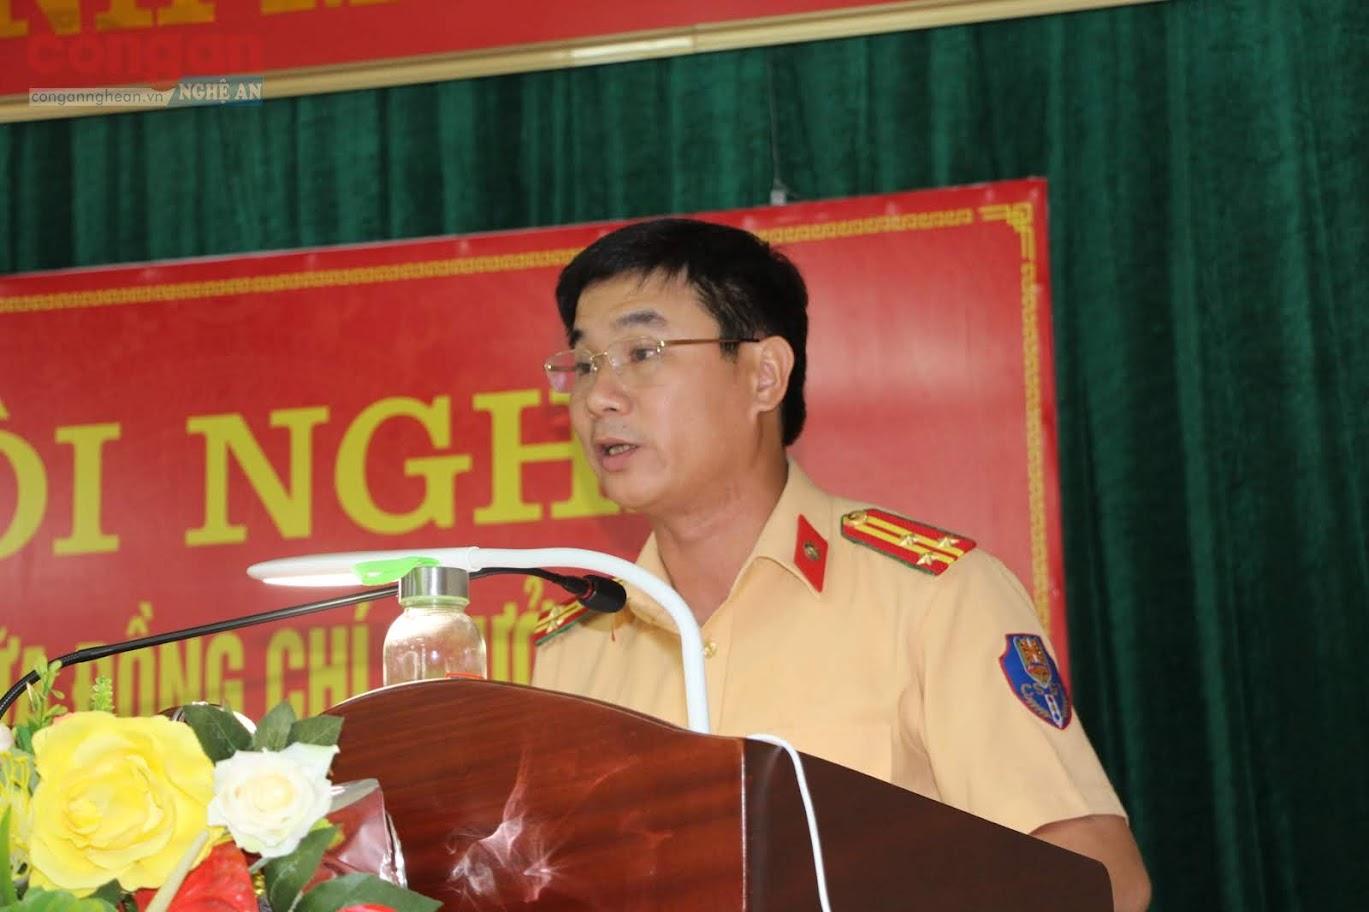 Thượng tá Nguyễn Văn Hùng – Phó Trưởng Phòng CSGT trình bày kết quả thực hiện công tác cải cách hành chính của Phòng CSGT  - Công an Nghệ An giai đoạn 2011- 2020 và định hướng giai đoạn 2021 -2030